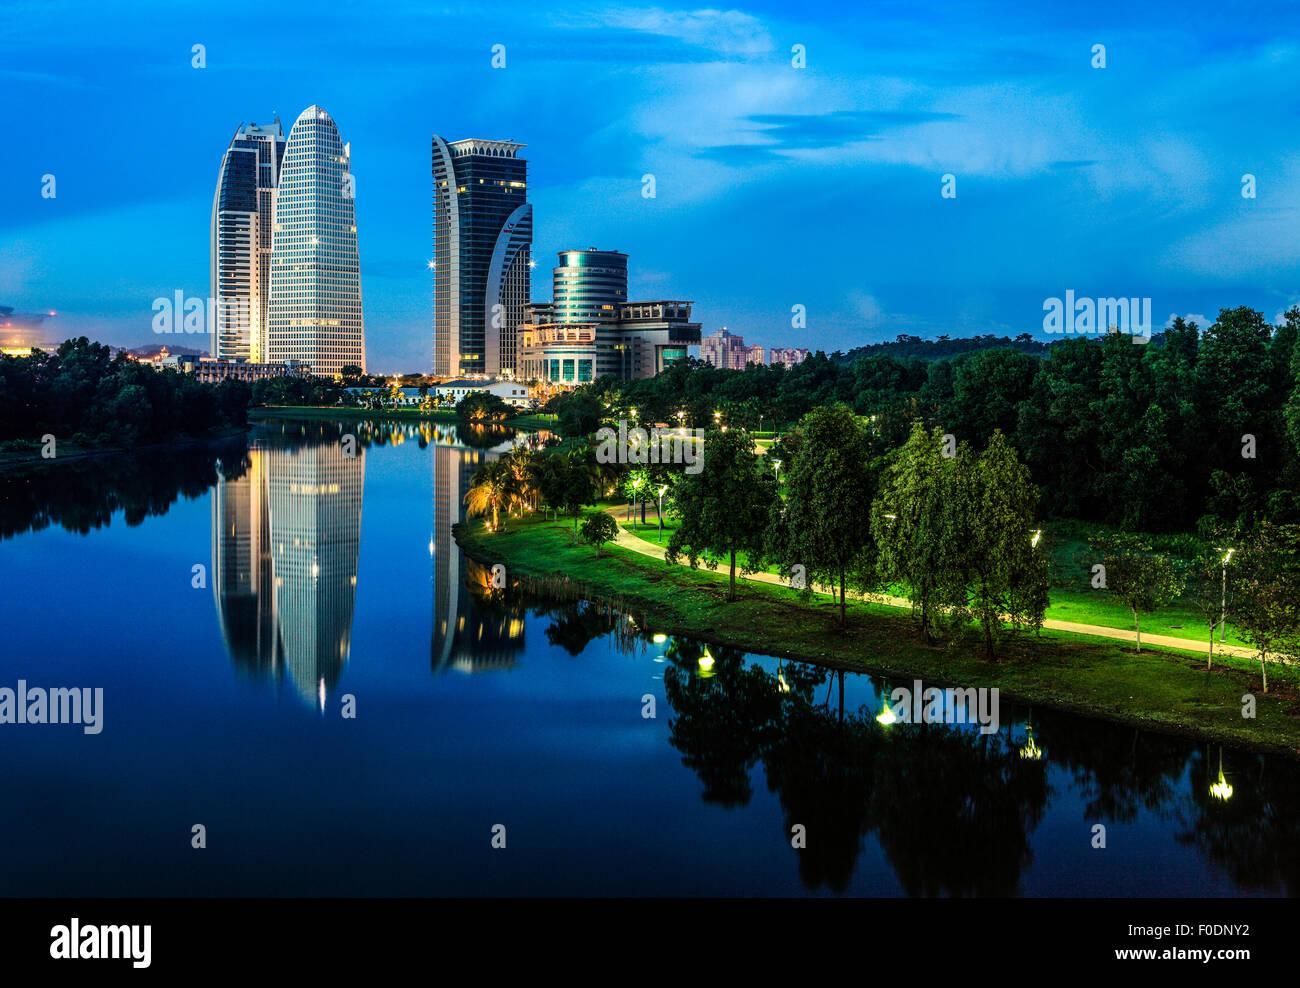 Putrajaya - Il governo capitale della Malesia durante il crepuscolo. Immagini Stock